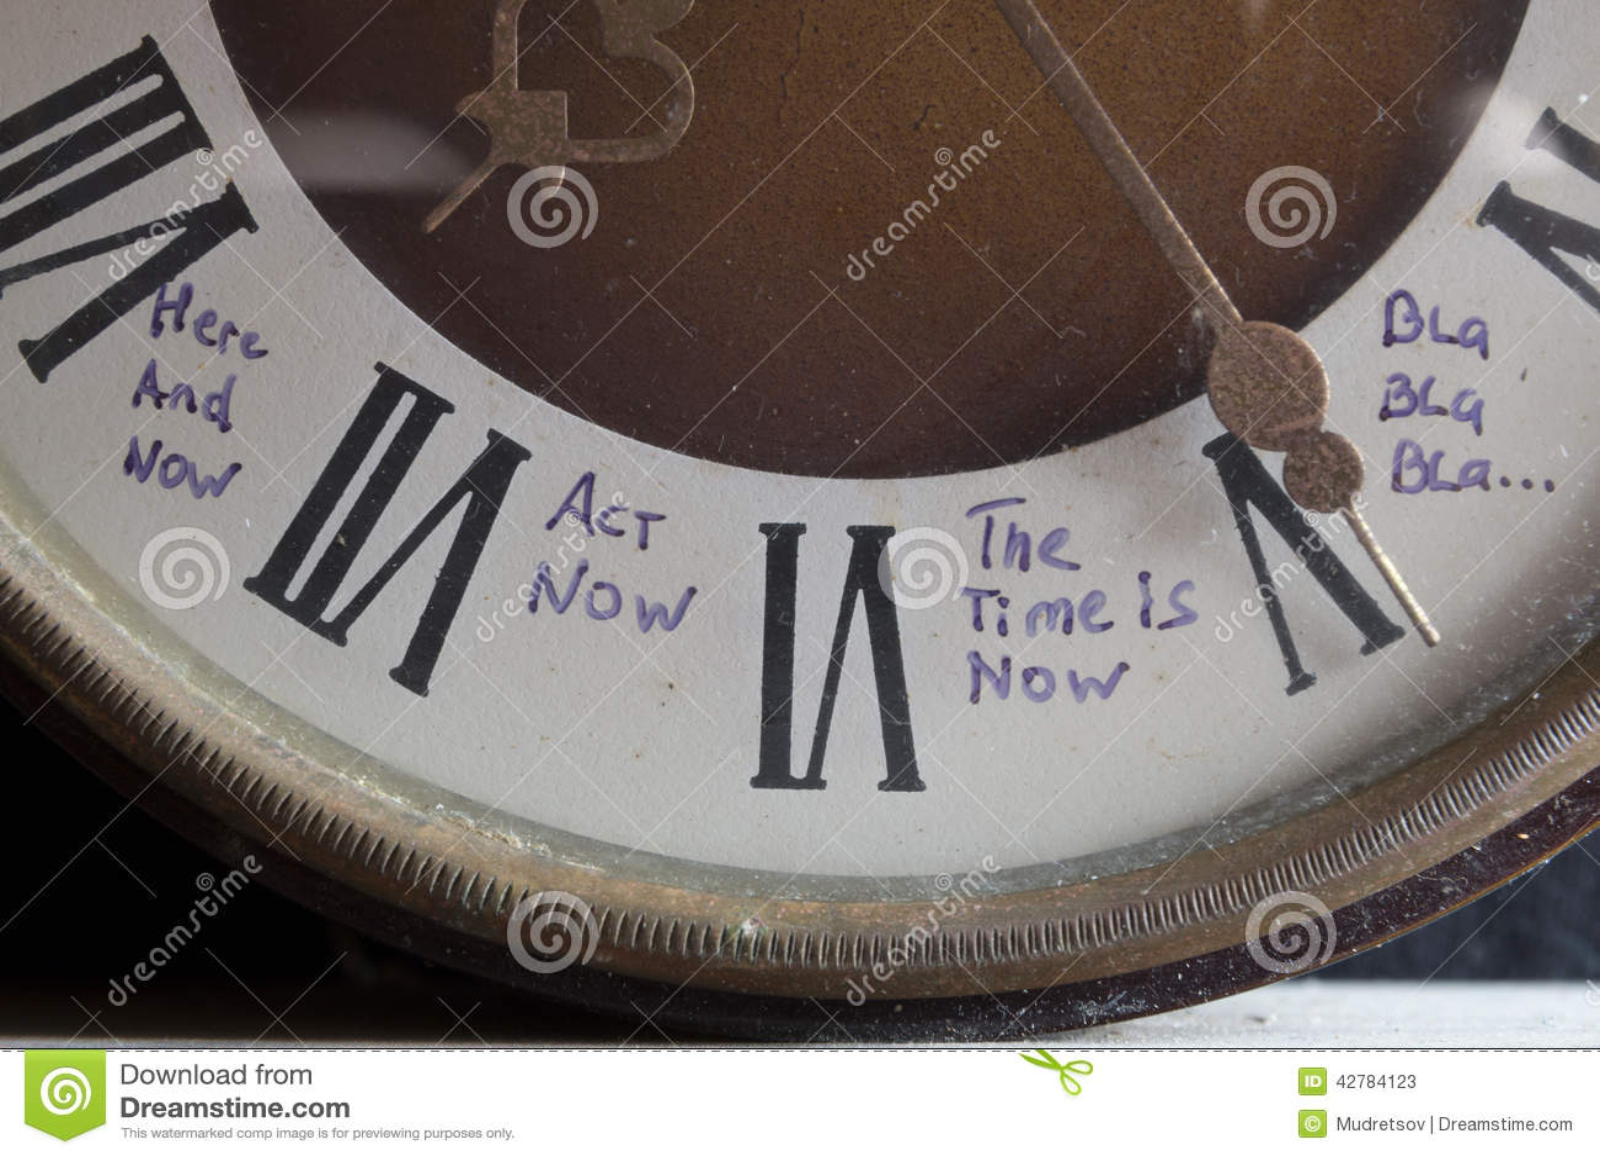 El tiempo ahora está